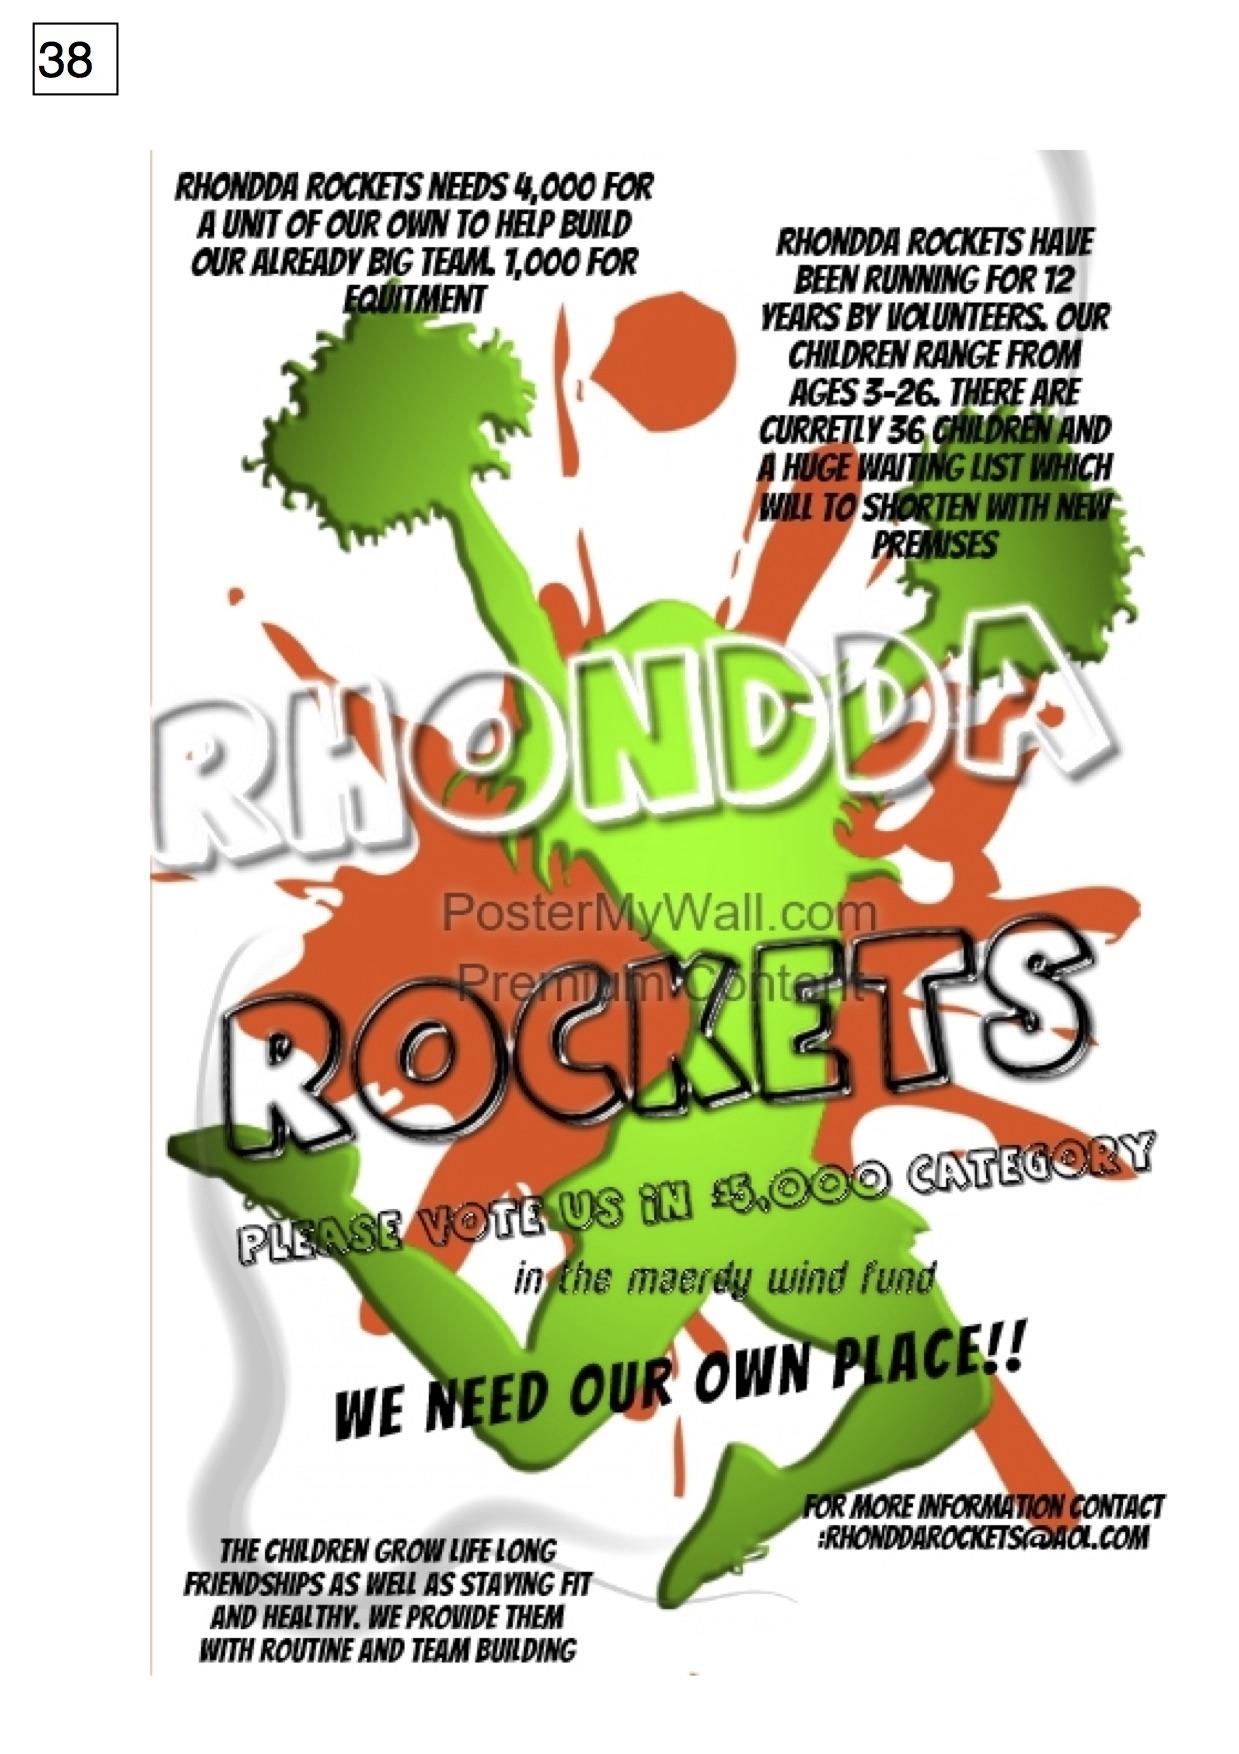 38. Rhondda Rockets - Poster - 261017